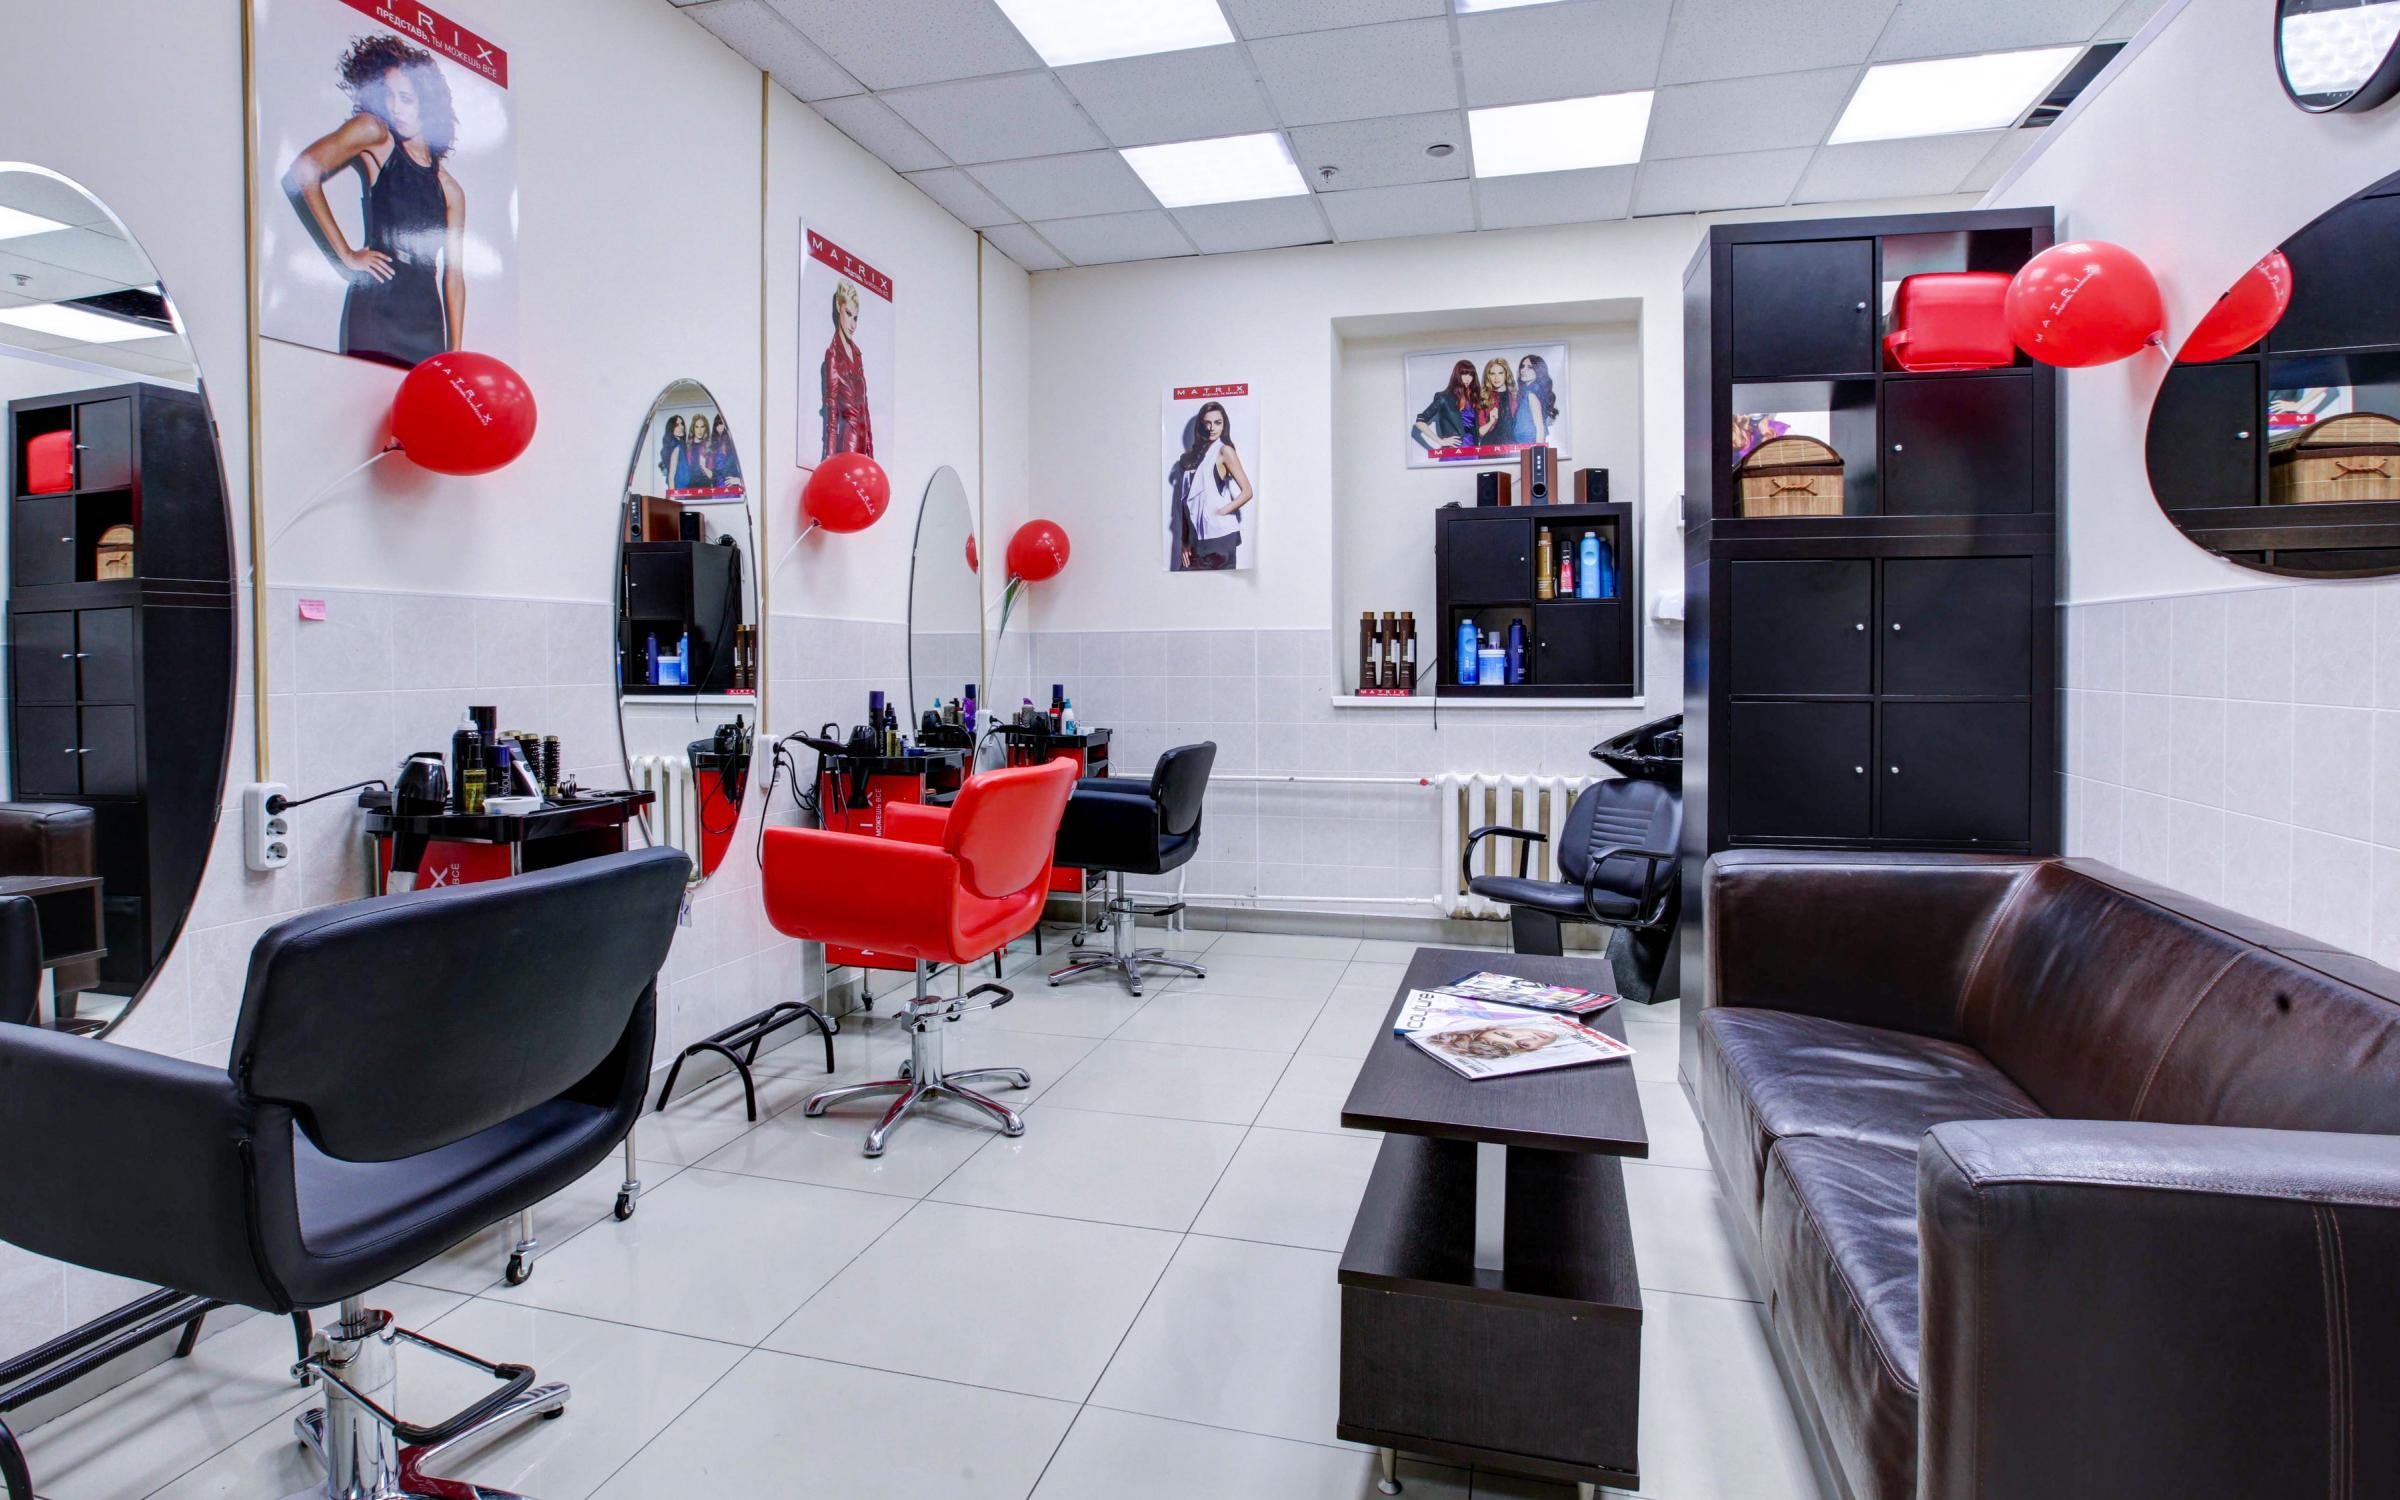 Свой бизнес как открыть магазин товаров для парикмахеров